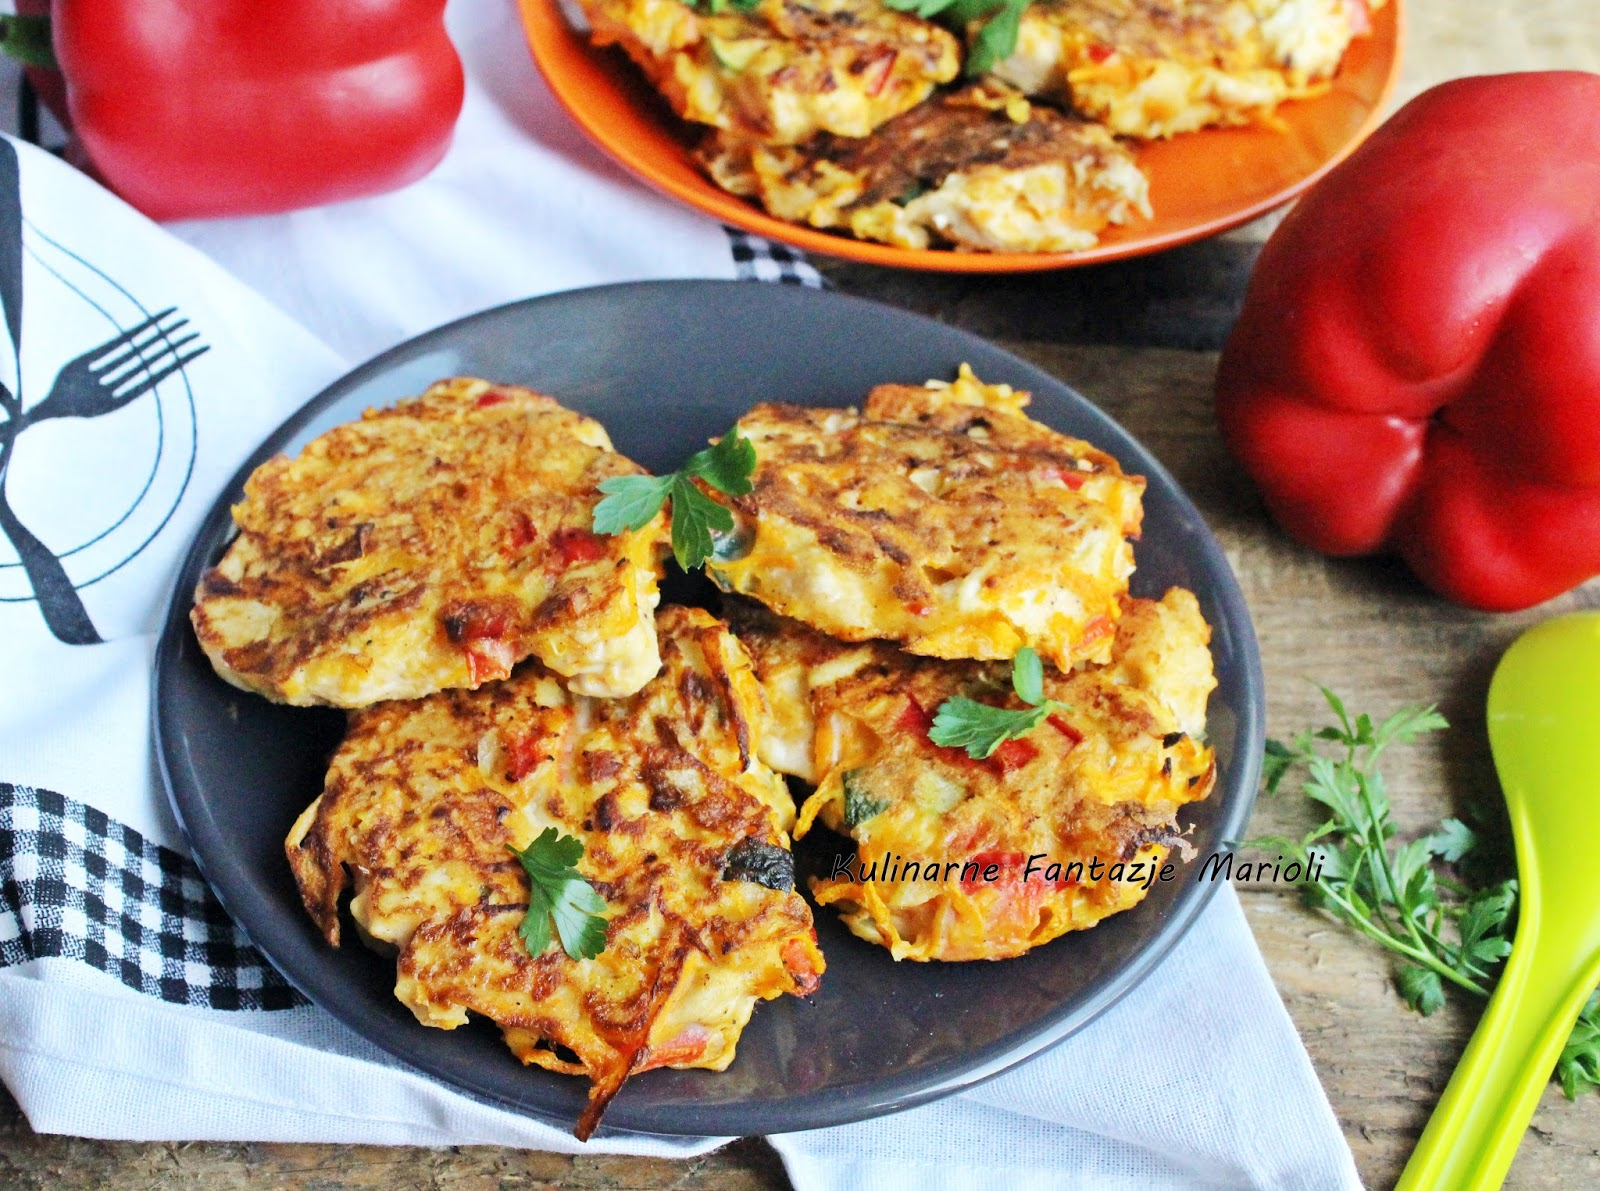 Potrawy Dietetyczne Ze Zdjec Z Kurczaka Weltnamanro Gq